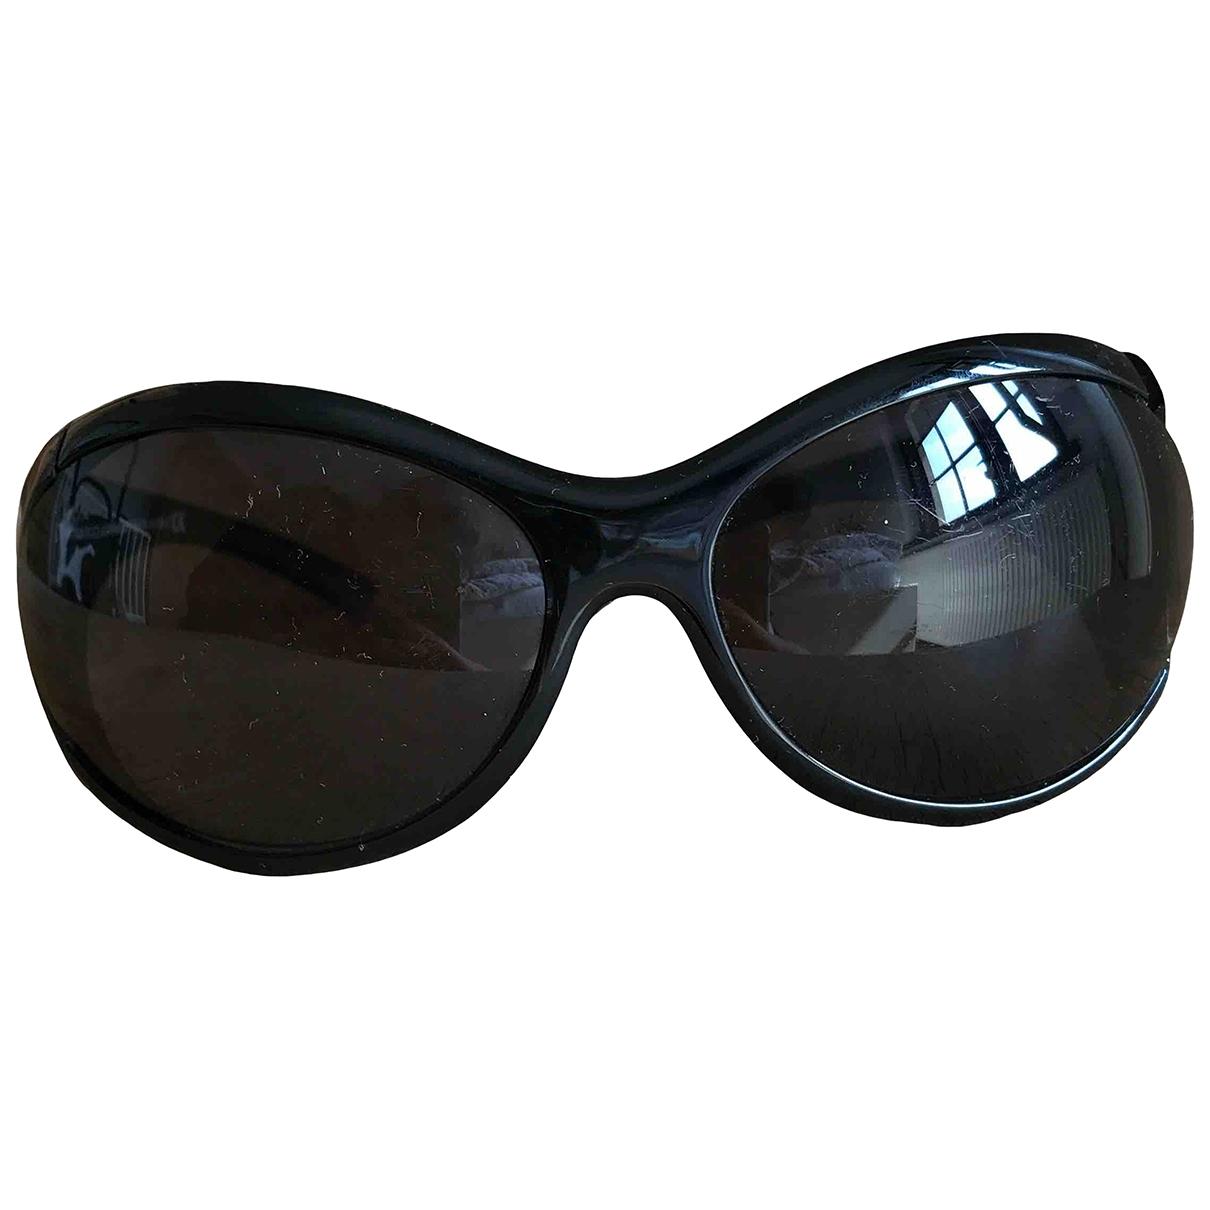 D&g \N Black Sunglasses for Women \N